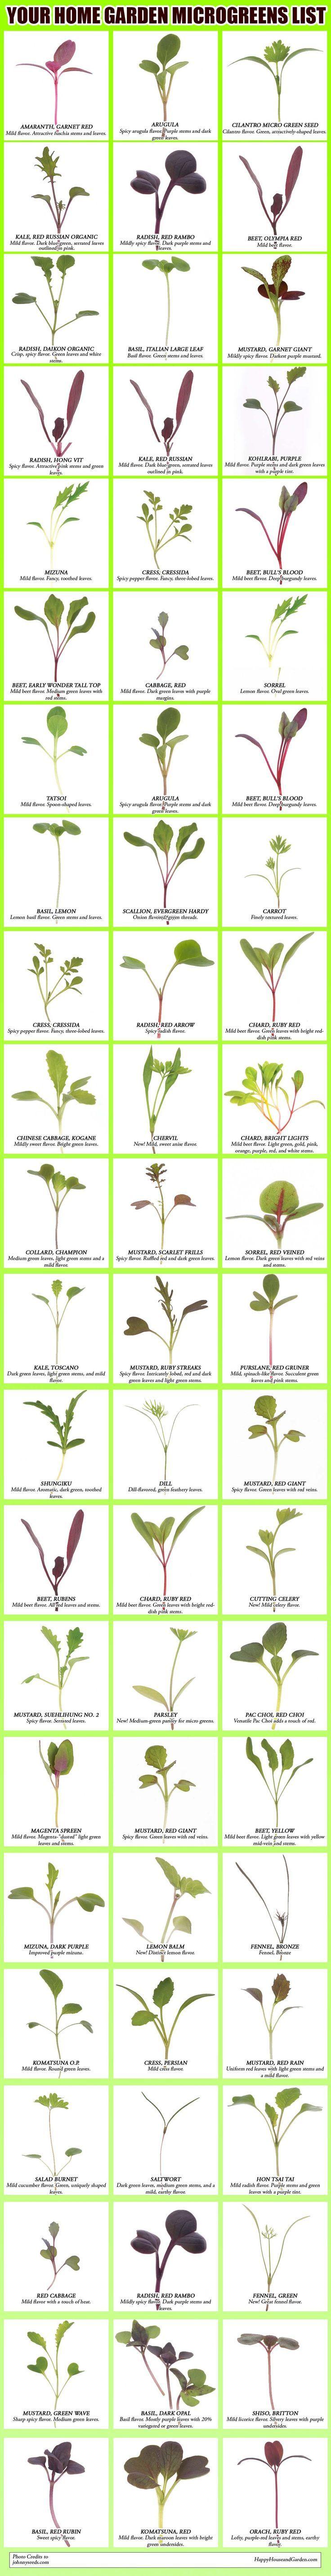 Your Home Garden Microgreens List Microgreens Growing Microgreens Indoor Vegetable Gardening